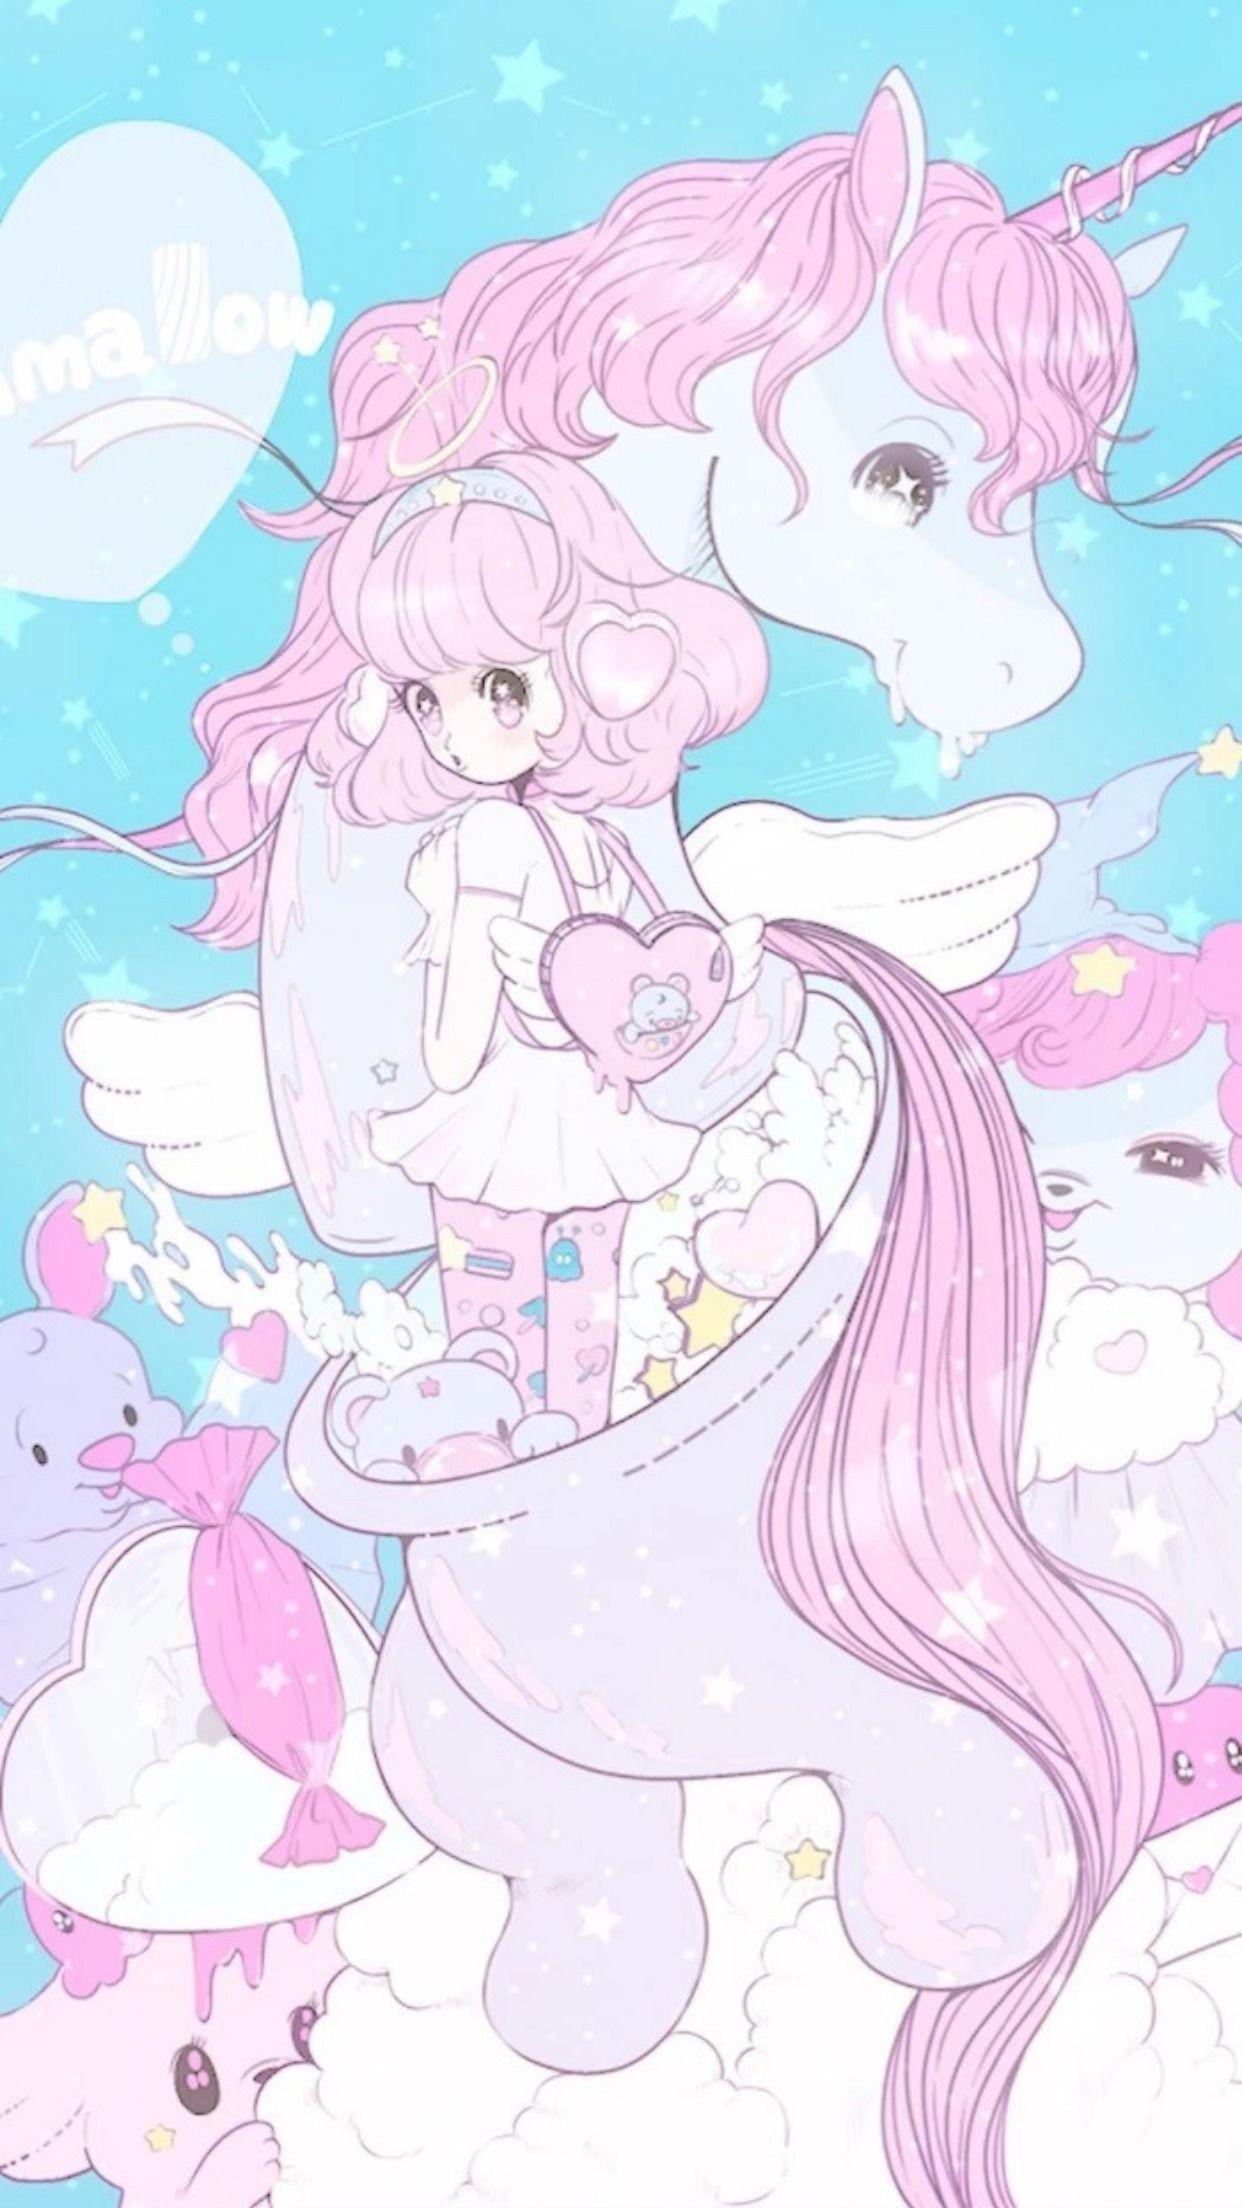 Beautiful Dream Magic Unicorn Wallpaper Kawaii Art Unicorn Wallpaper Kawaii Wallpaper